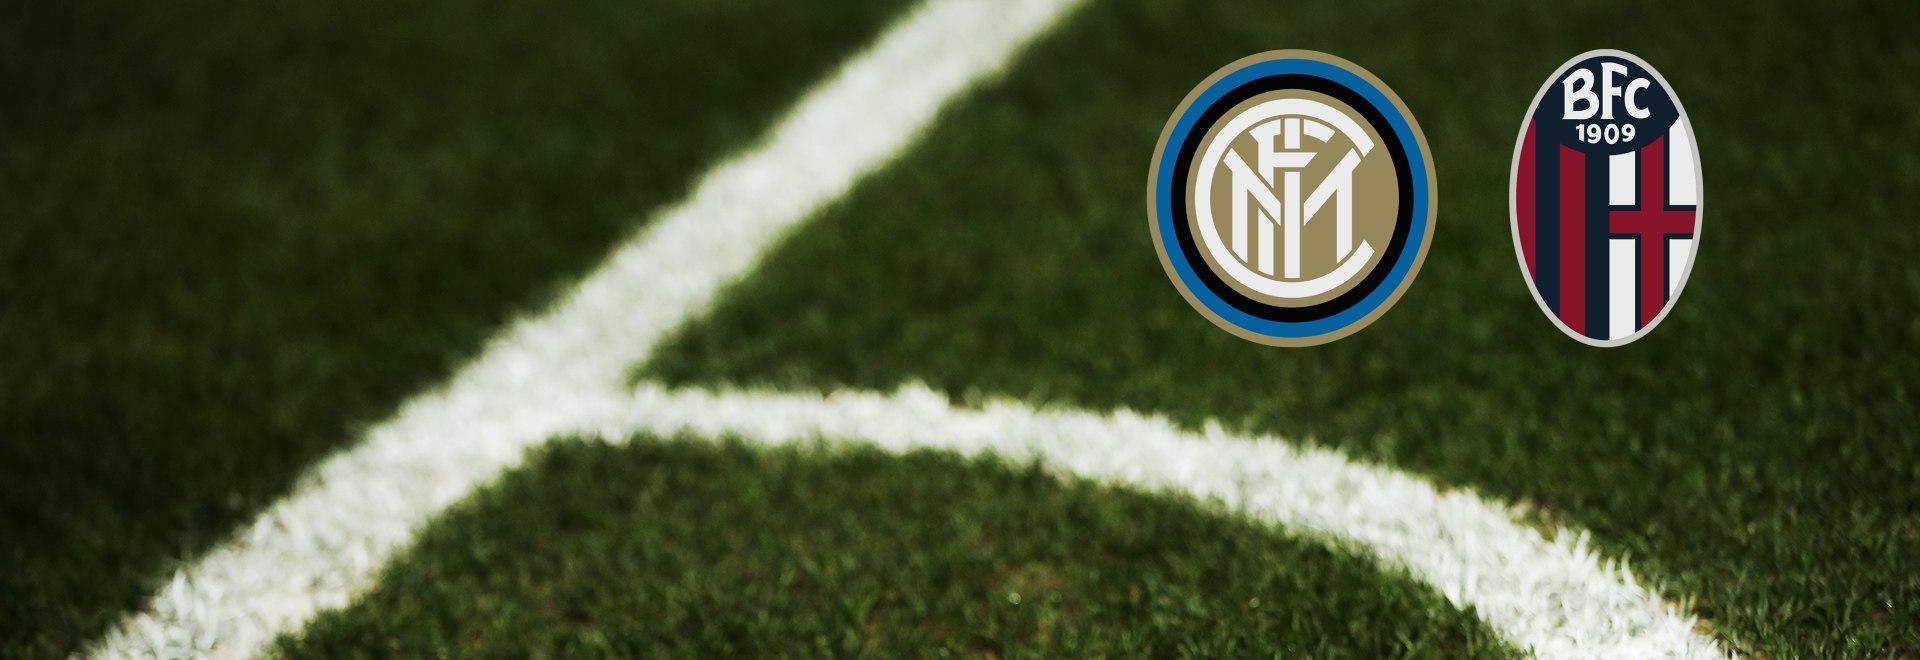 Inter - Bologna. 10a g.